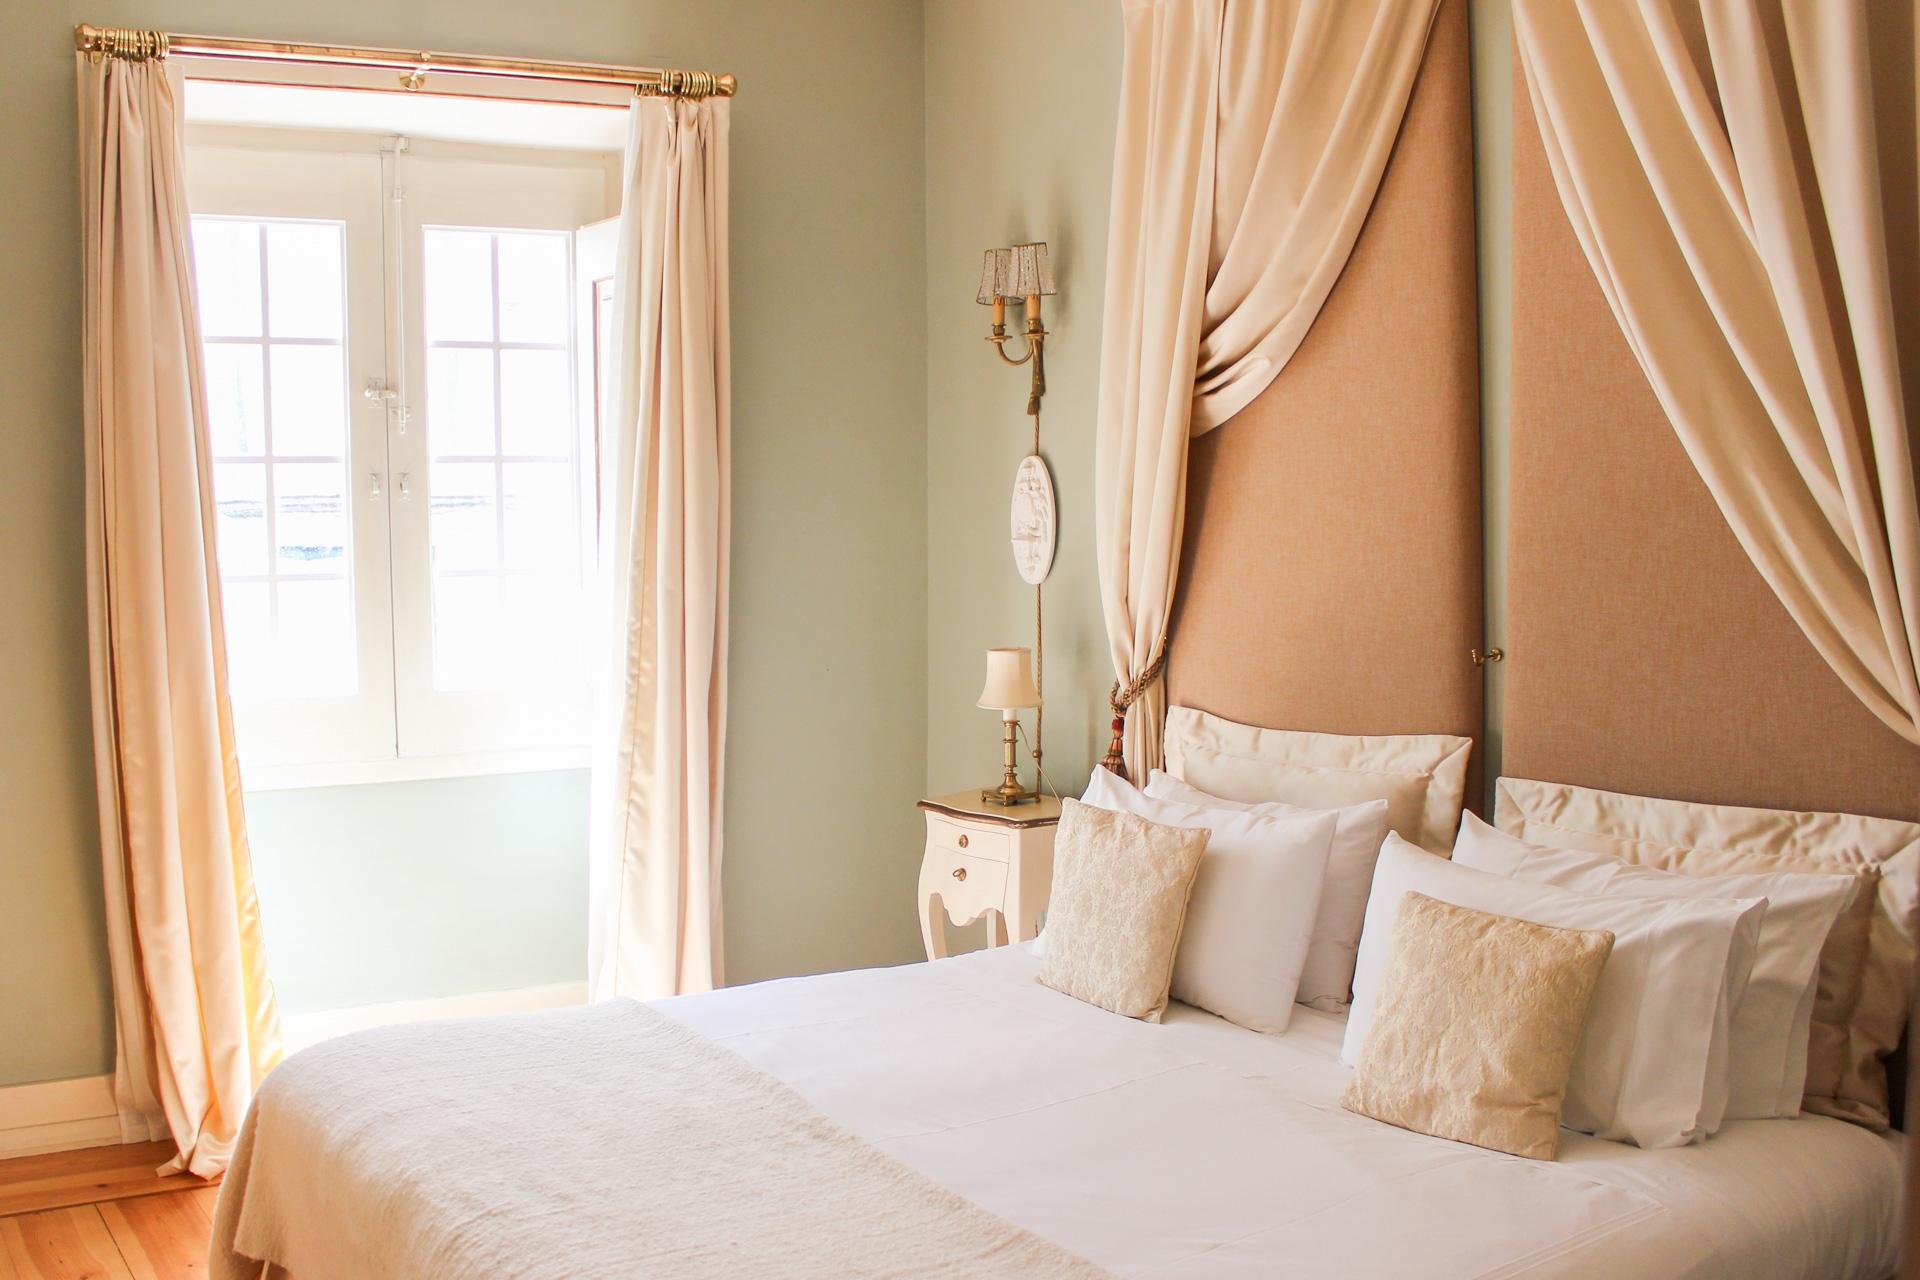 lisboa_cool_dormir_mercador_luxury_apartments